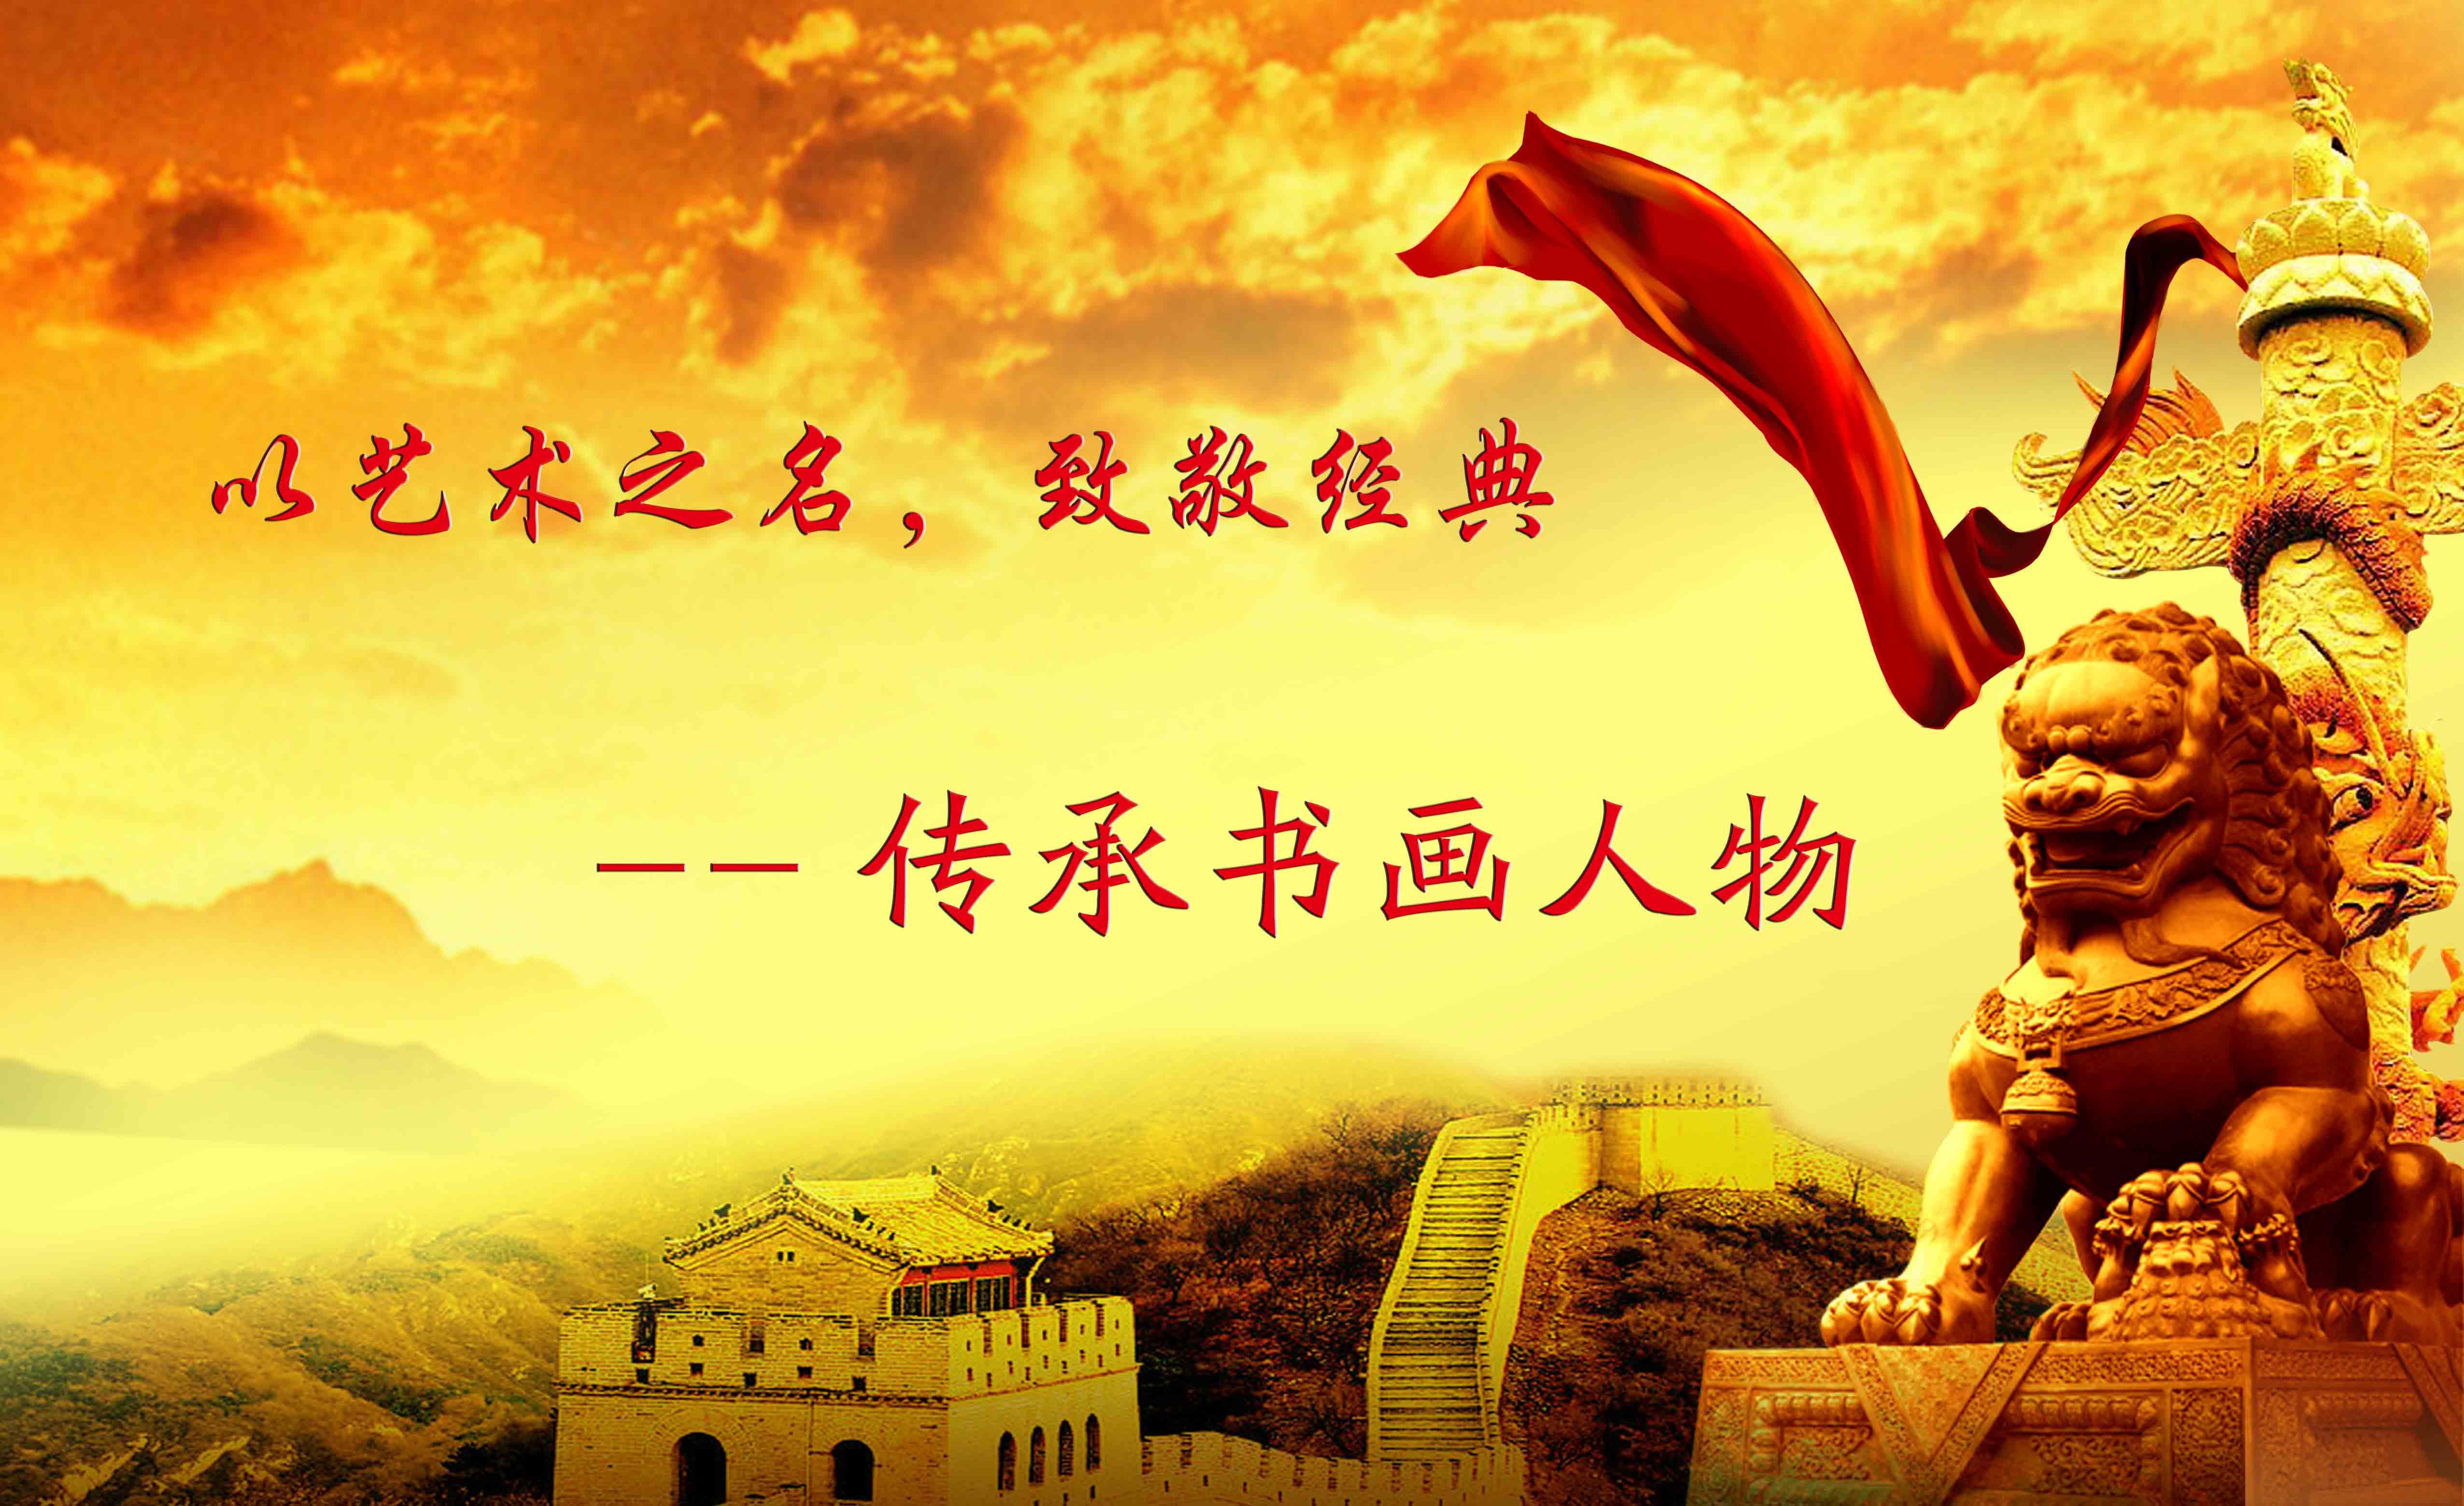 杨玉才【以艺术之名,致敬经典】--传承书画人物